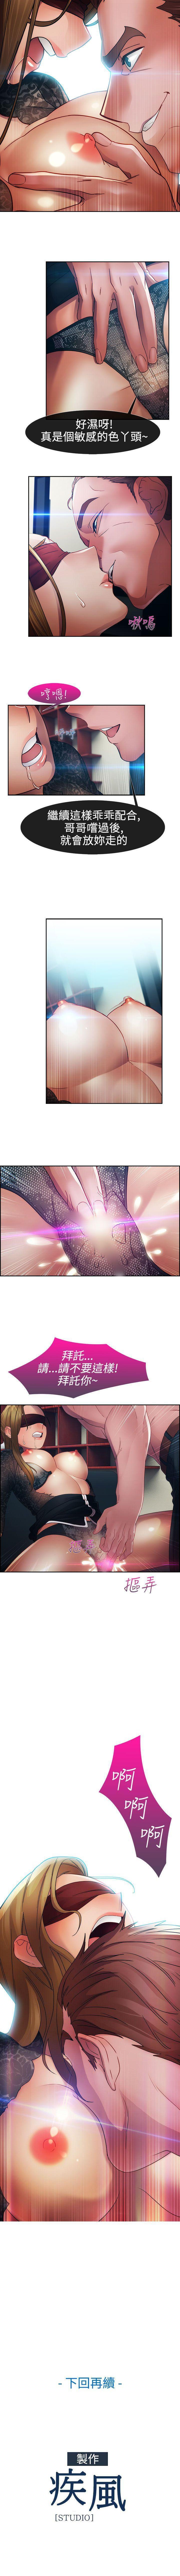 淑女花苑 1-80 101